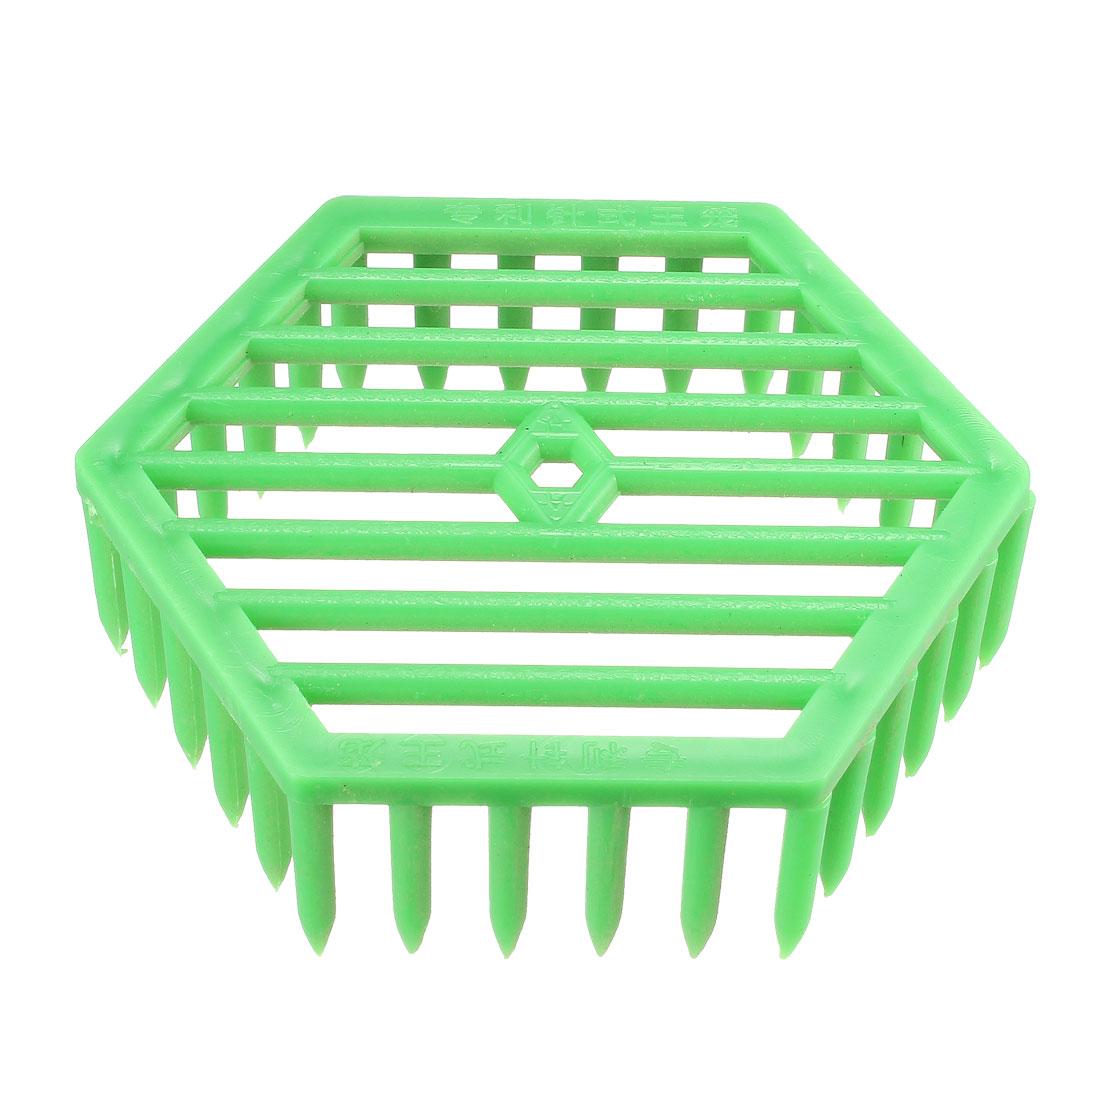 Bee Queen Cage Beekeeping Tool Plastic Equipment Hexagonal,Green 2.48inch Length